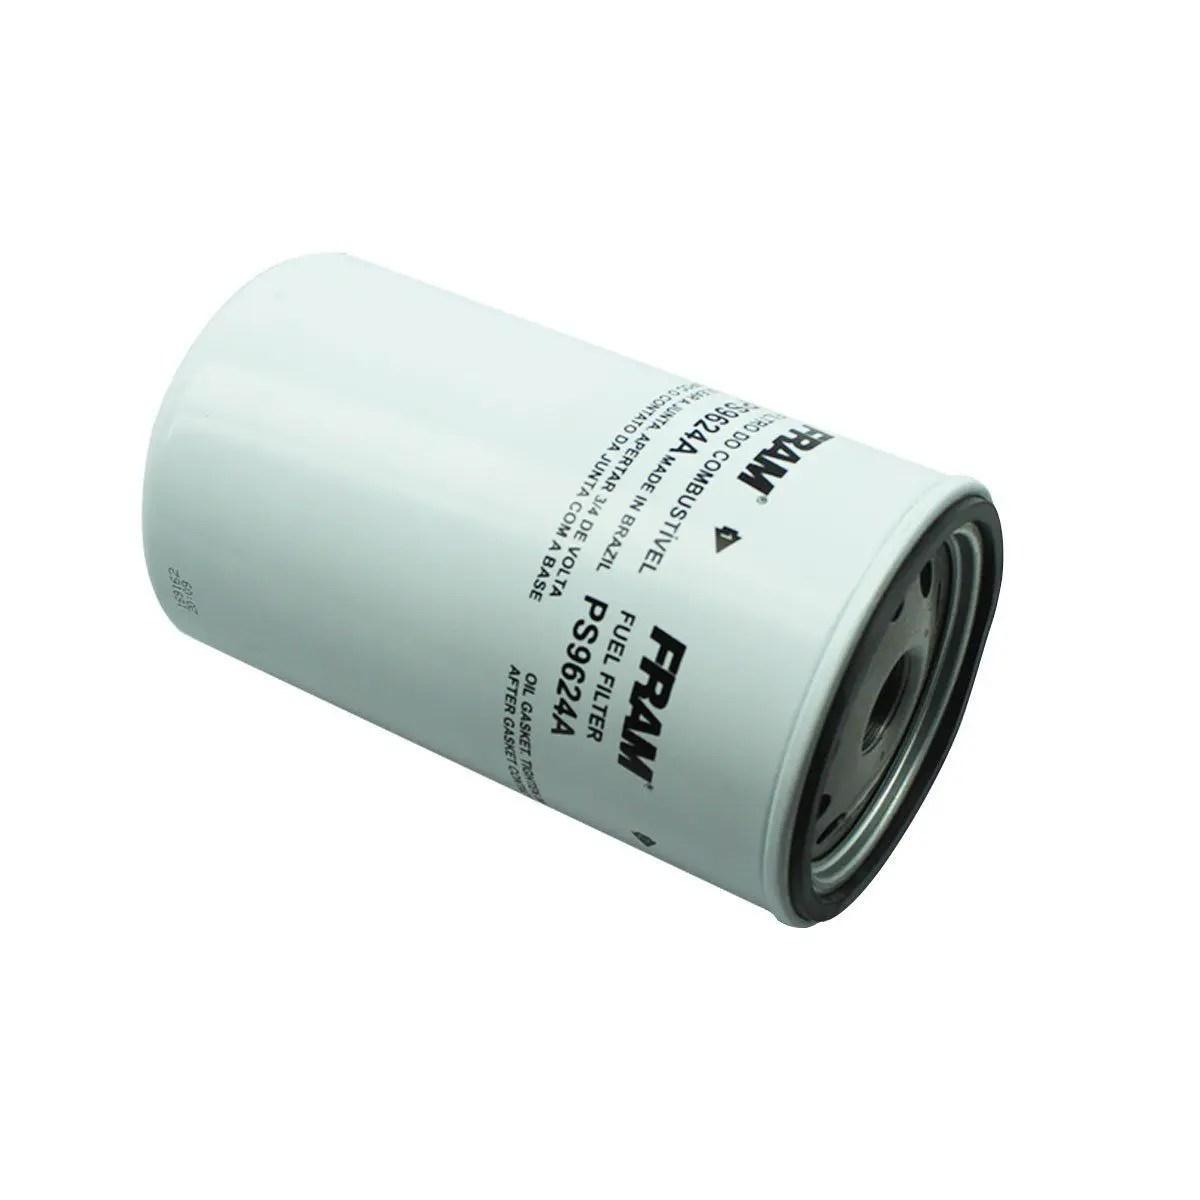 hight resolution of filtro de combust vel fram volkswagen vw 17 240 vw 18 280 mercedes benz mbb 1632 mbb 1634 mbb o 400 r 67 05 vista adicionar sacola